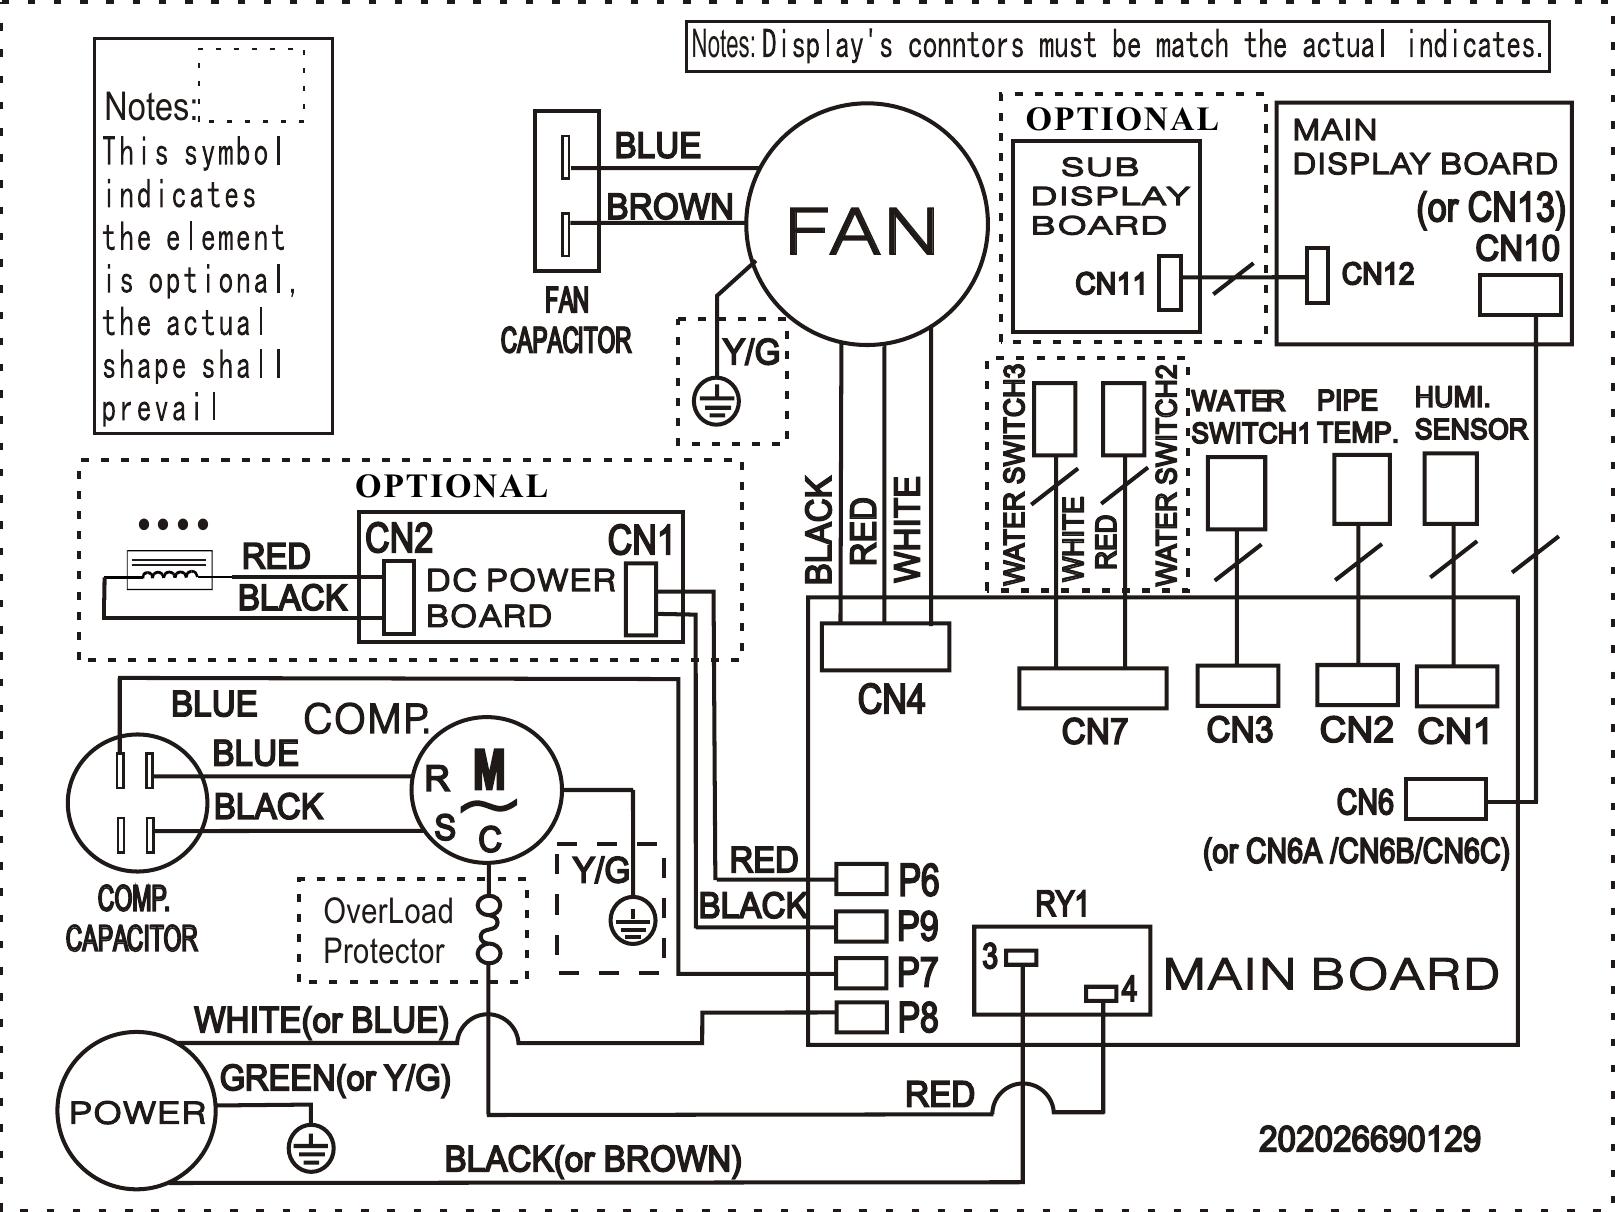 hight resolution of frigidaire fad504dwd wiring diagram elus cfz1 0bd n1 fa d 05 mp 1fa wiring diagram